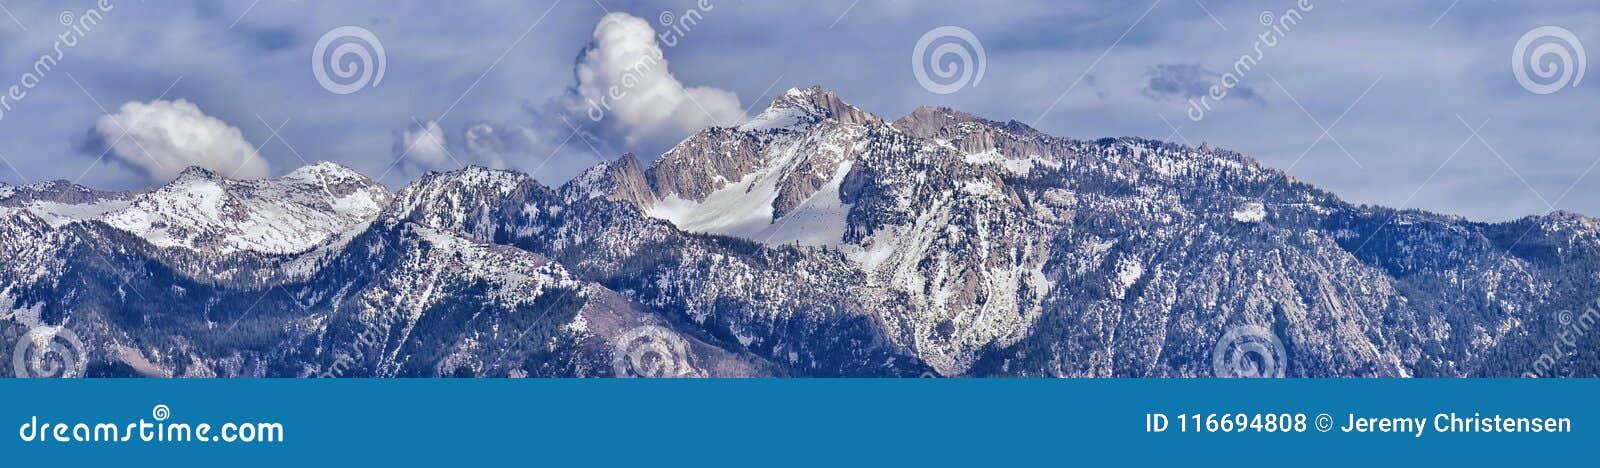 Vista panorâmica de Wasatch Front Rocky Mountain, destacando a montanha solitária do pico e do trovão do vale de Great Salt Lake